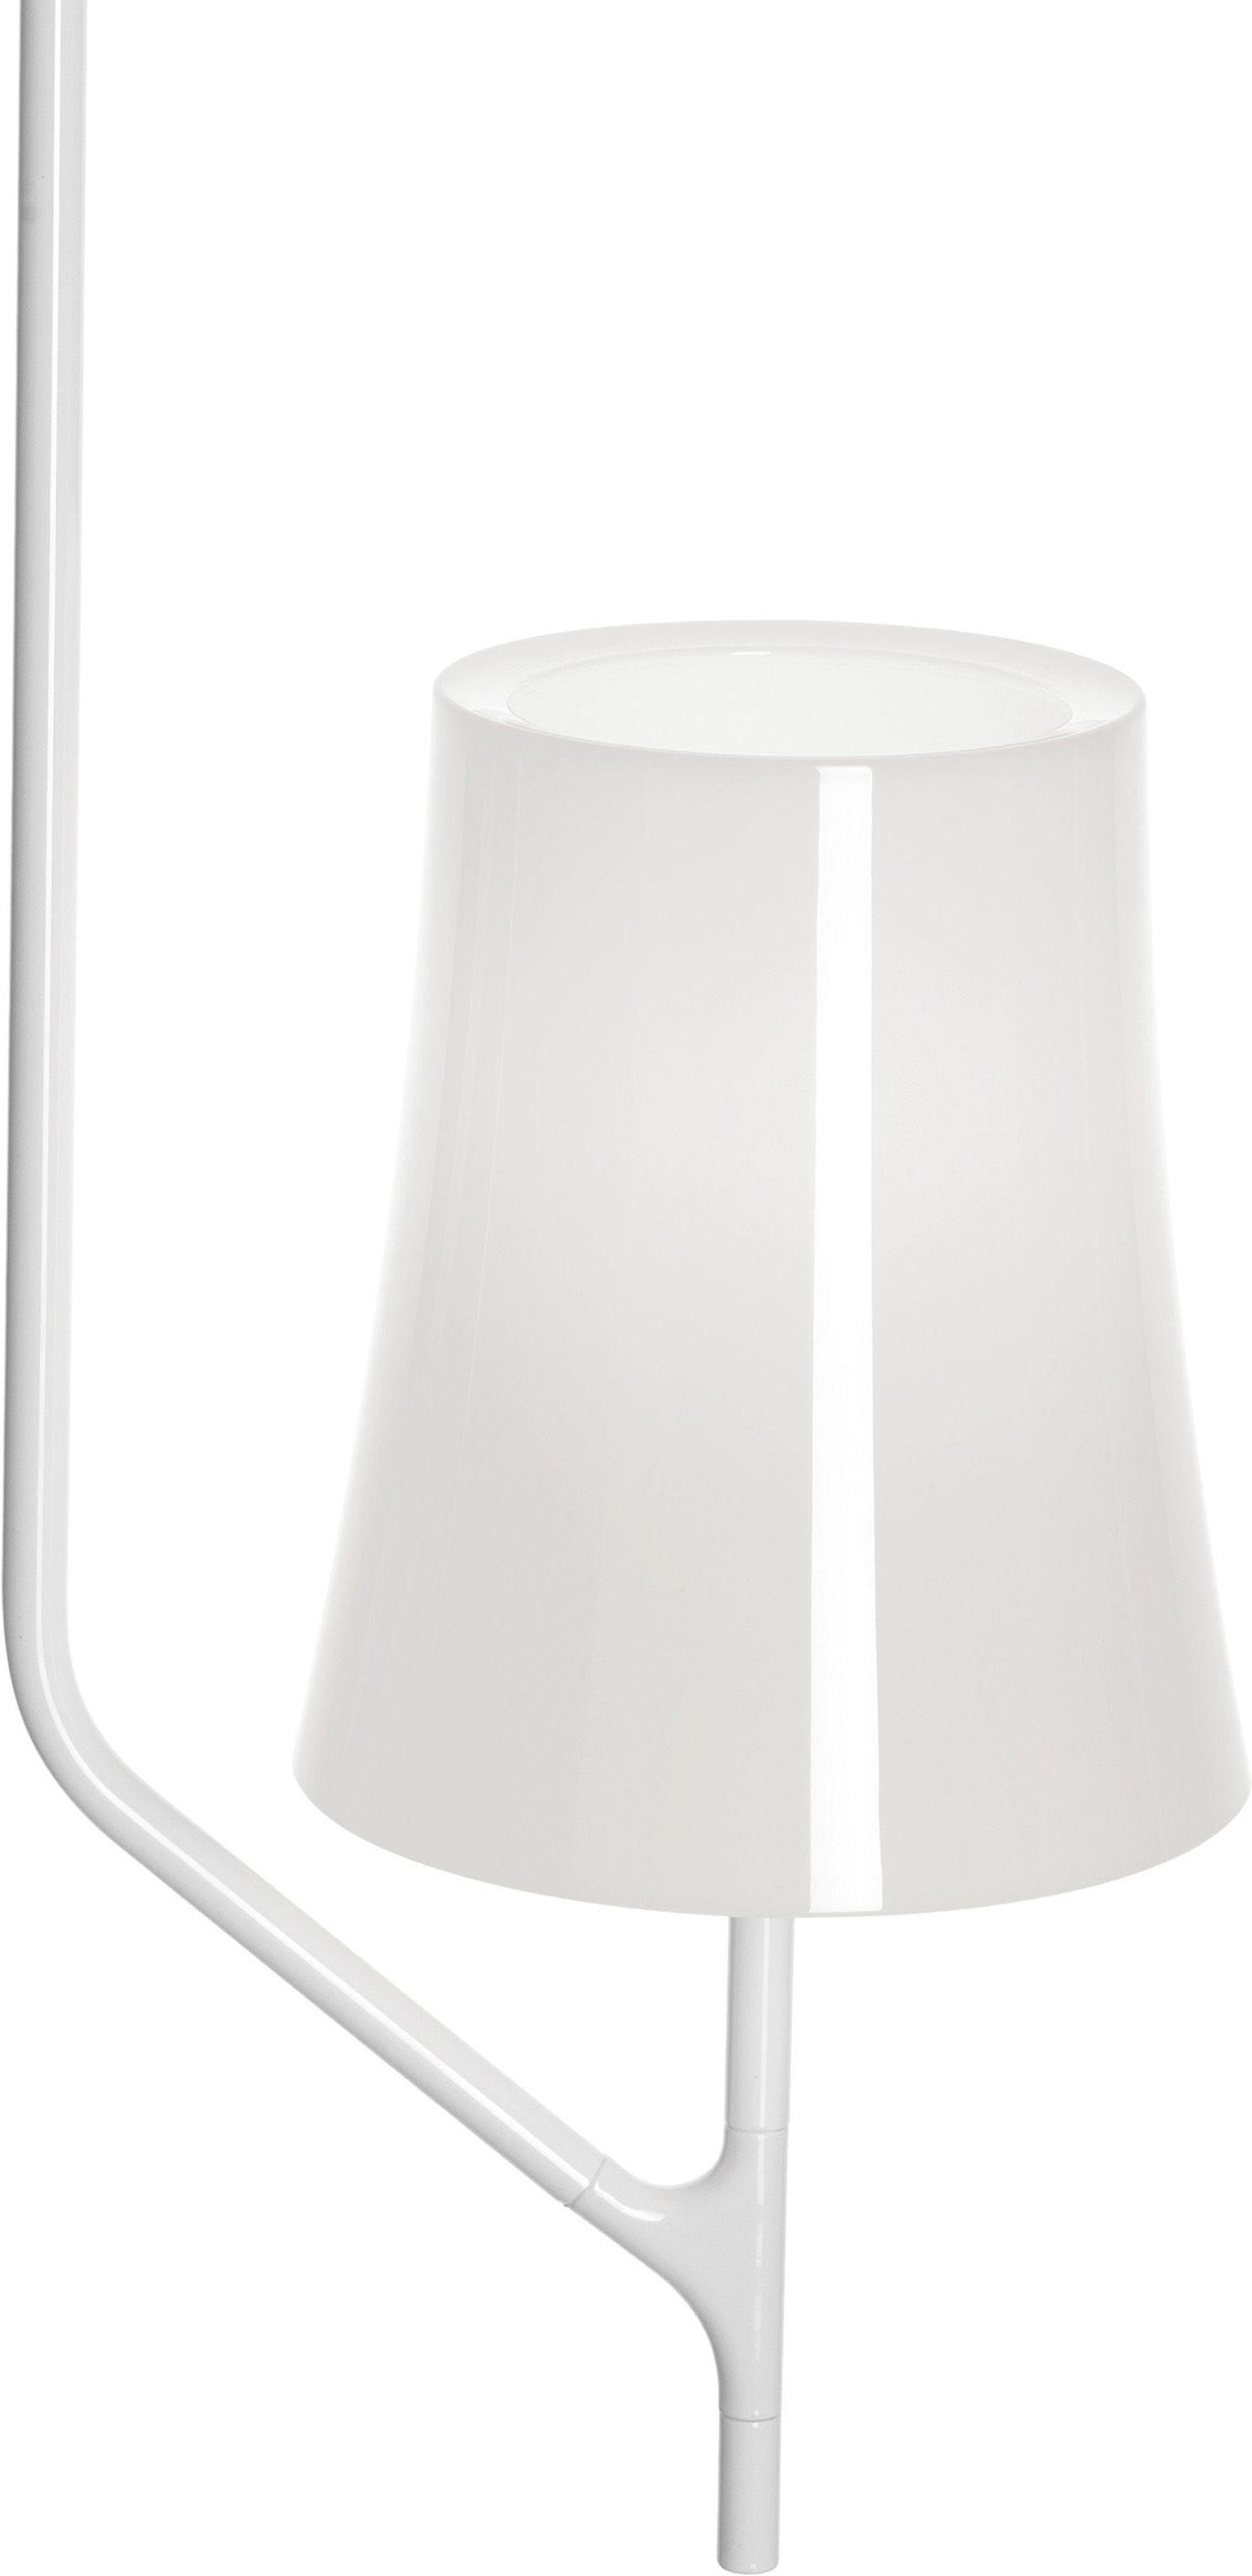 Leuchten - Pendelleuchten - Birdie Pendelleuchte 1 Arm - feste Höhe - Foscarini - 1 Arm - Weiß - klarlackbeschichteter rostfreier Stahl, Polykarbonat